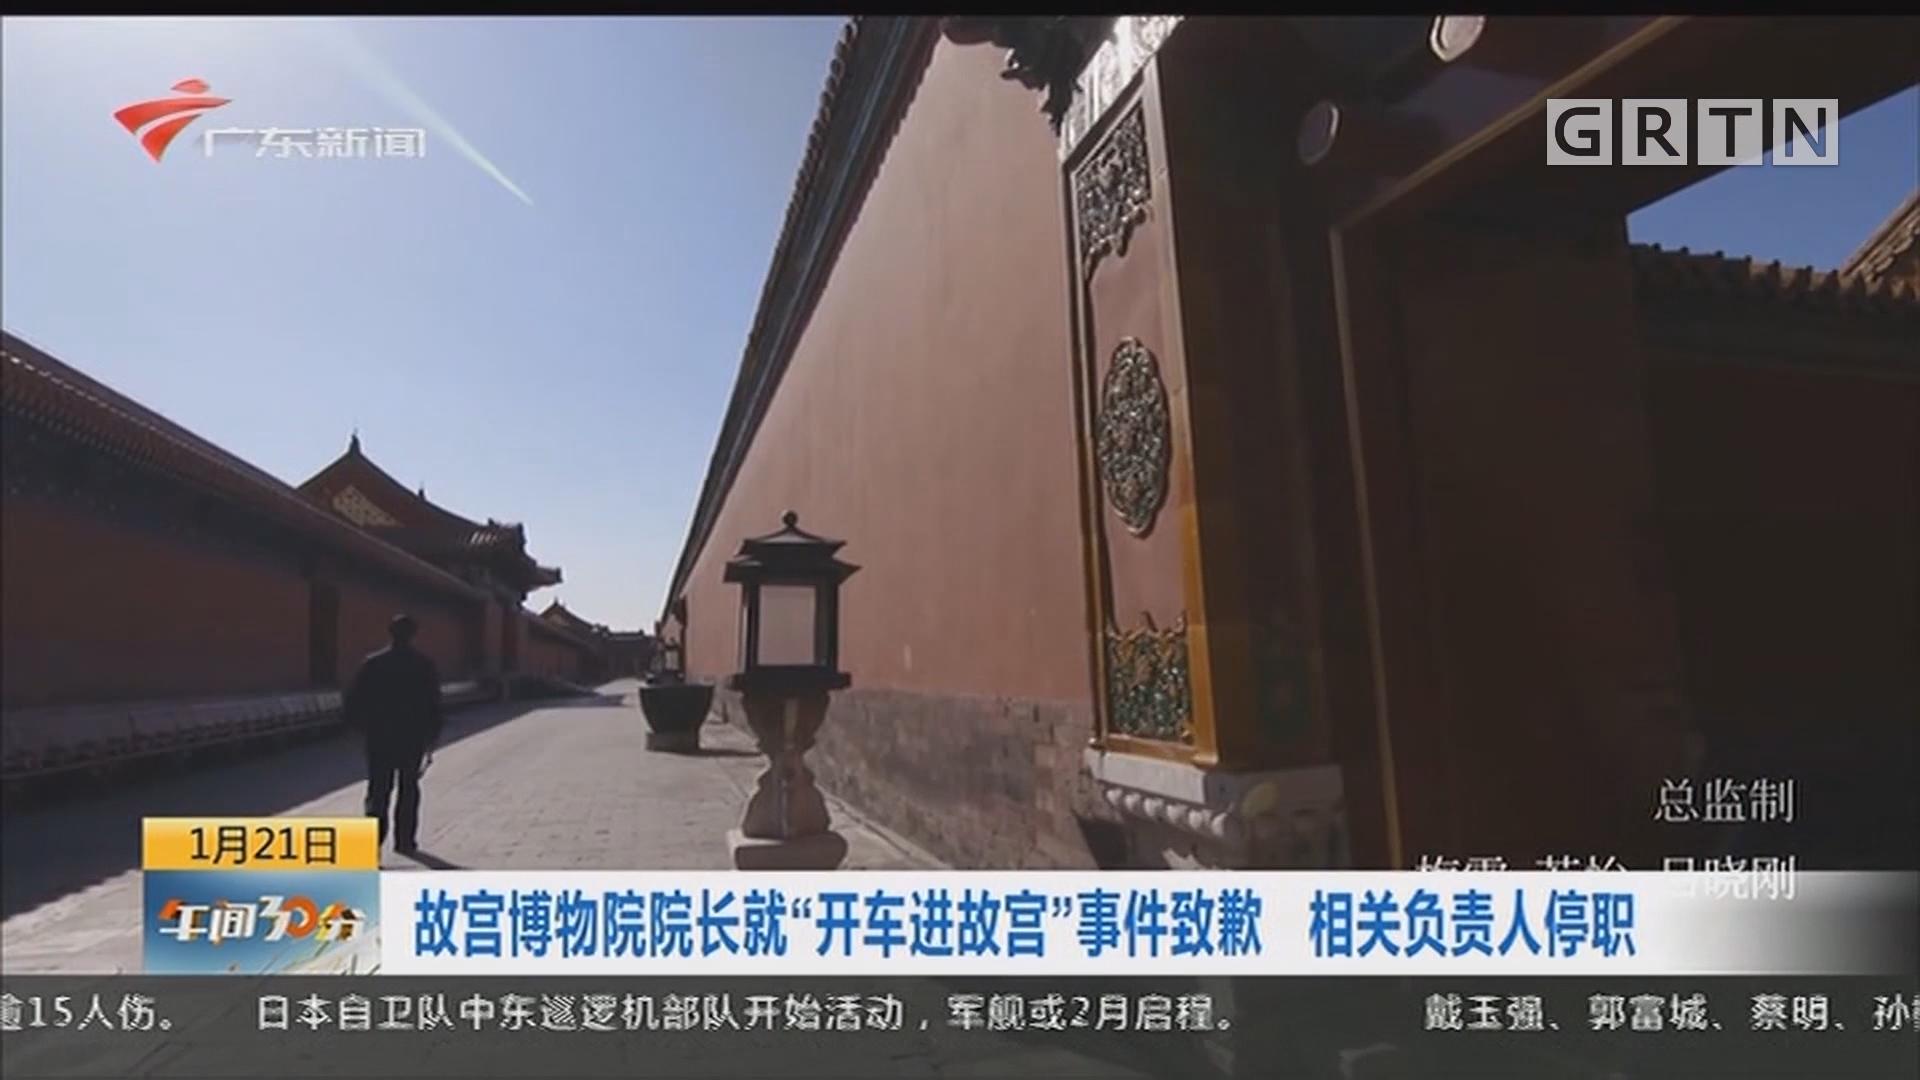 """故宫博物院院长就""""开车进故宫""""事件道歉 相关负责人停职"""